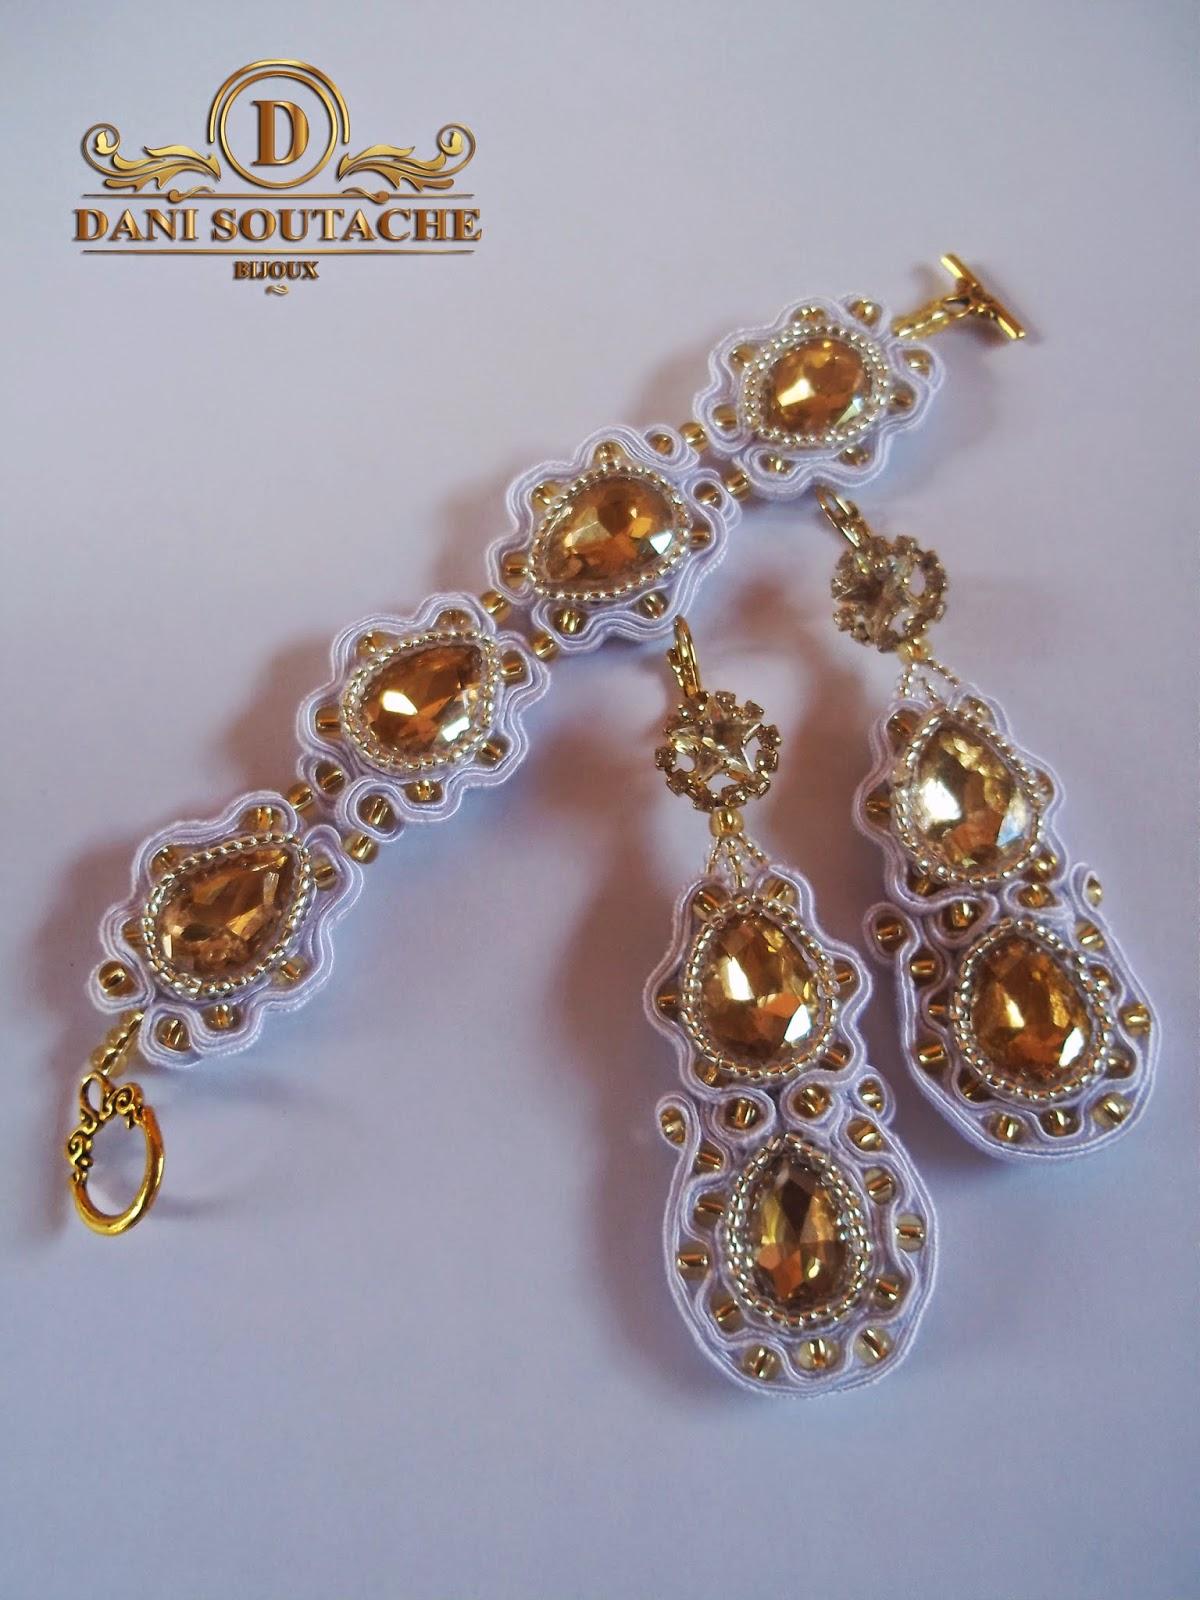 Conjunto composto por brincos e pulseira em soutache branco, miçangas jablonex douradas e pedras de vidro na mesma cor.